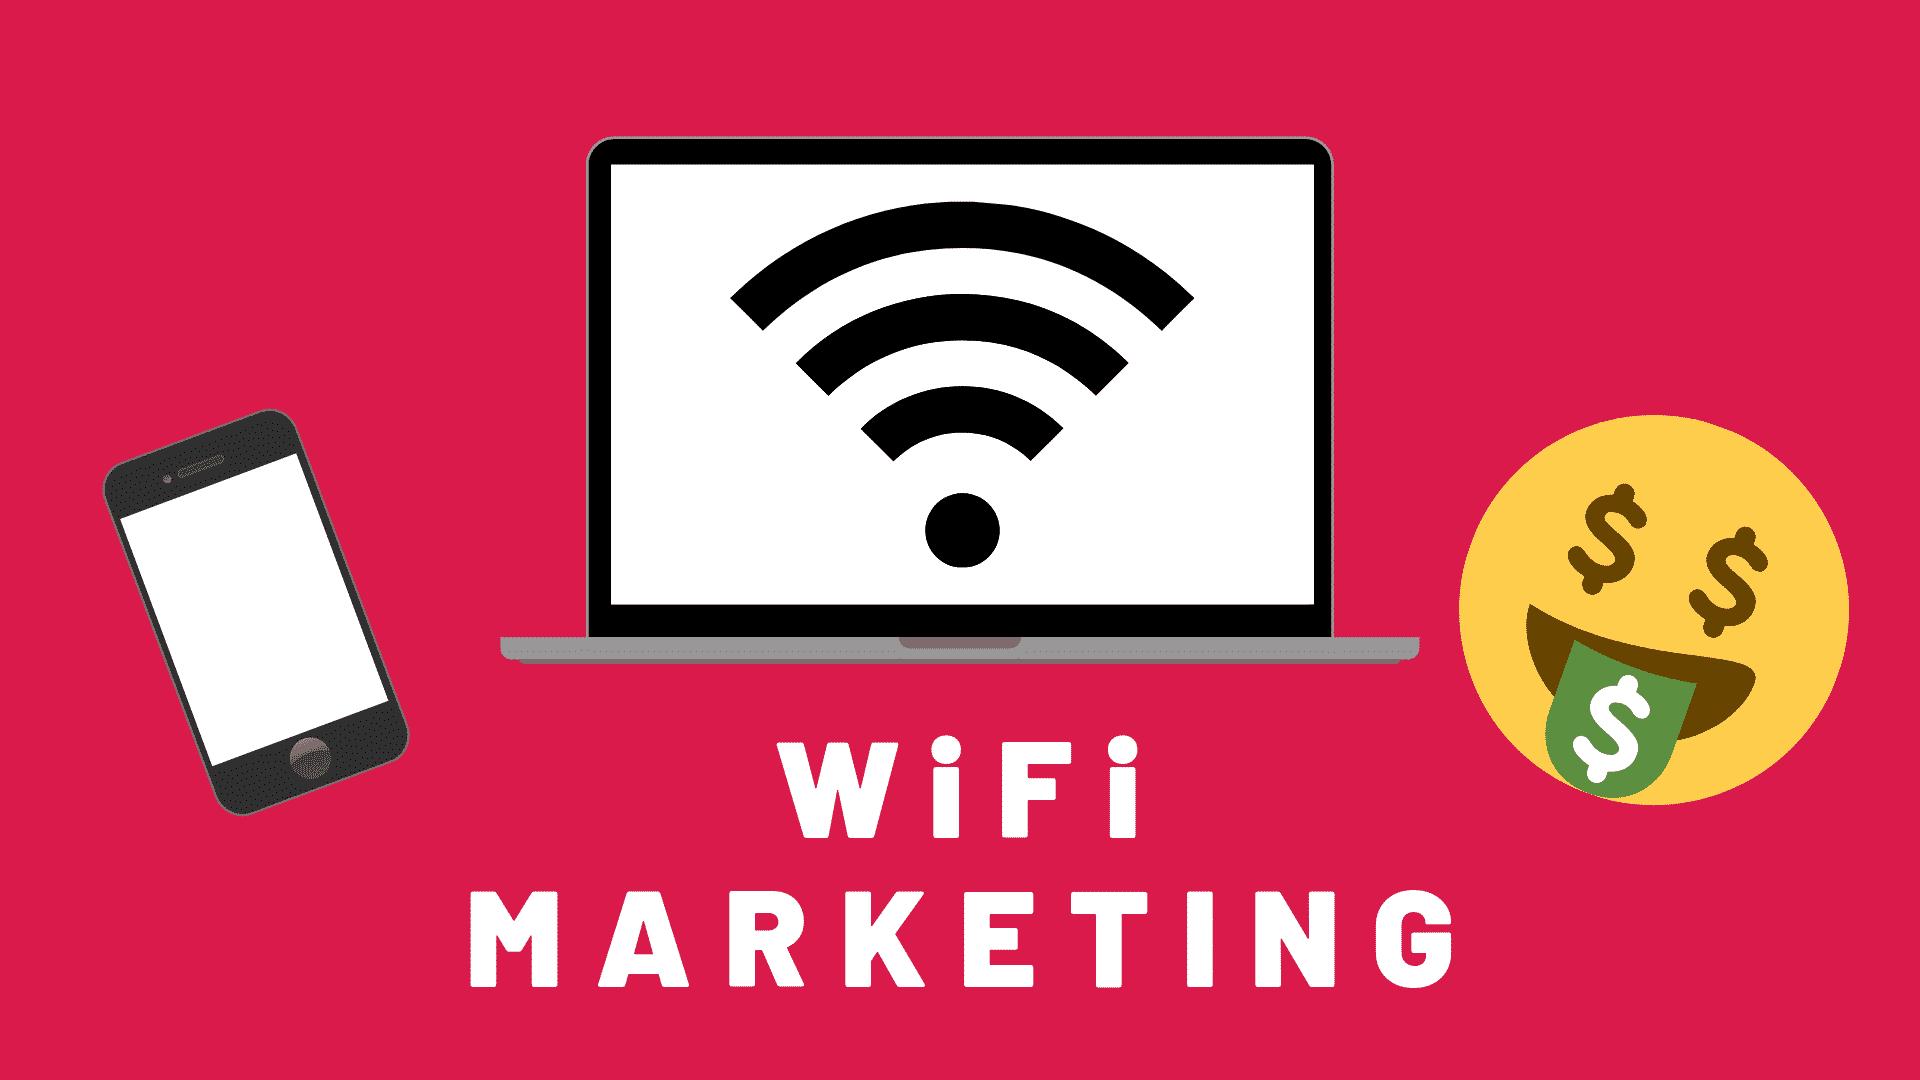 Wifi marketing